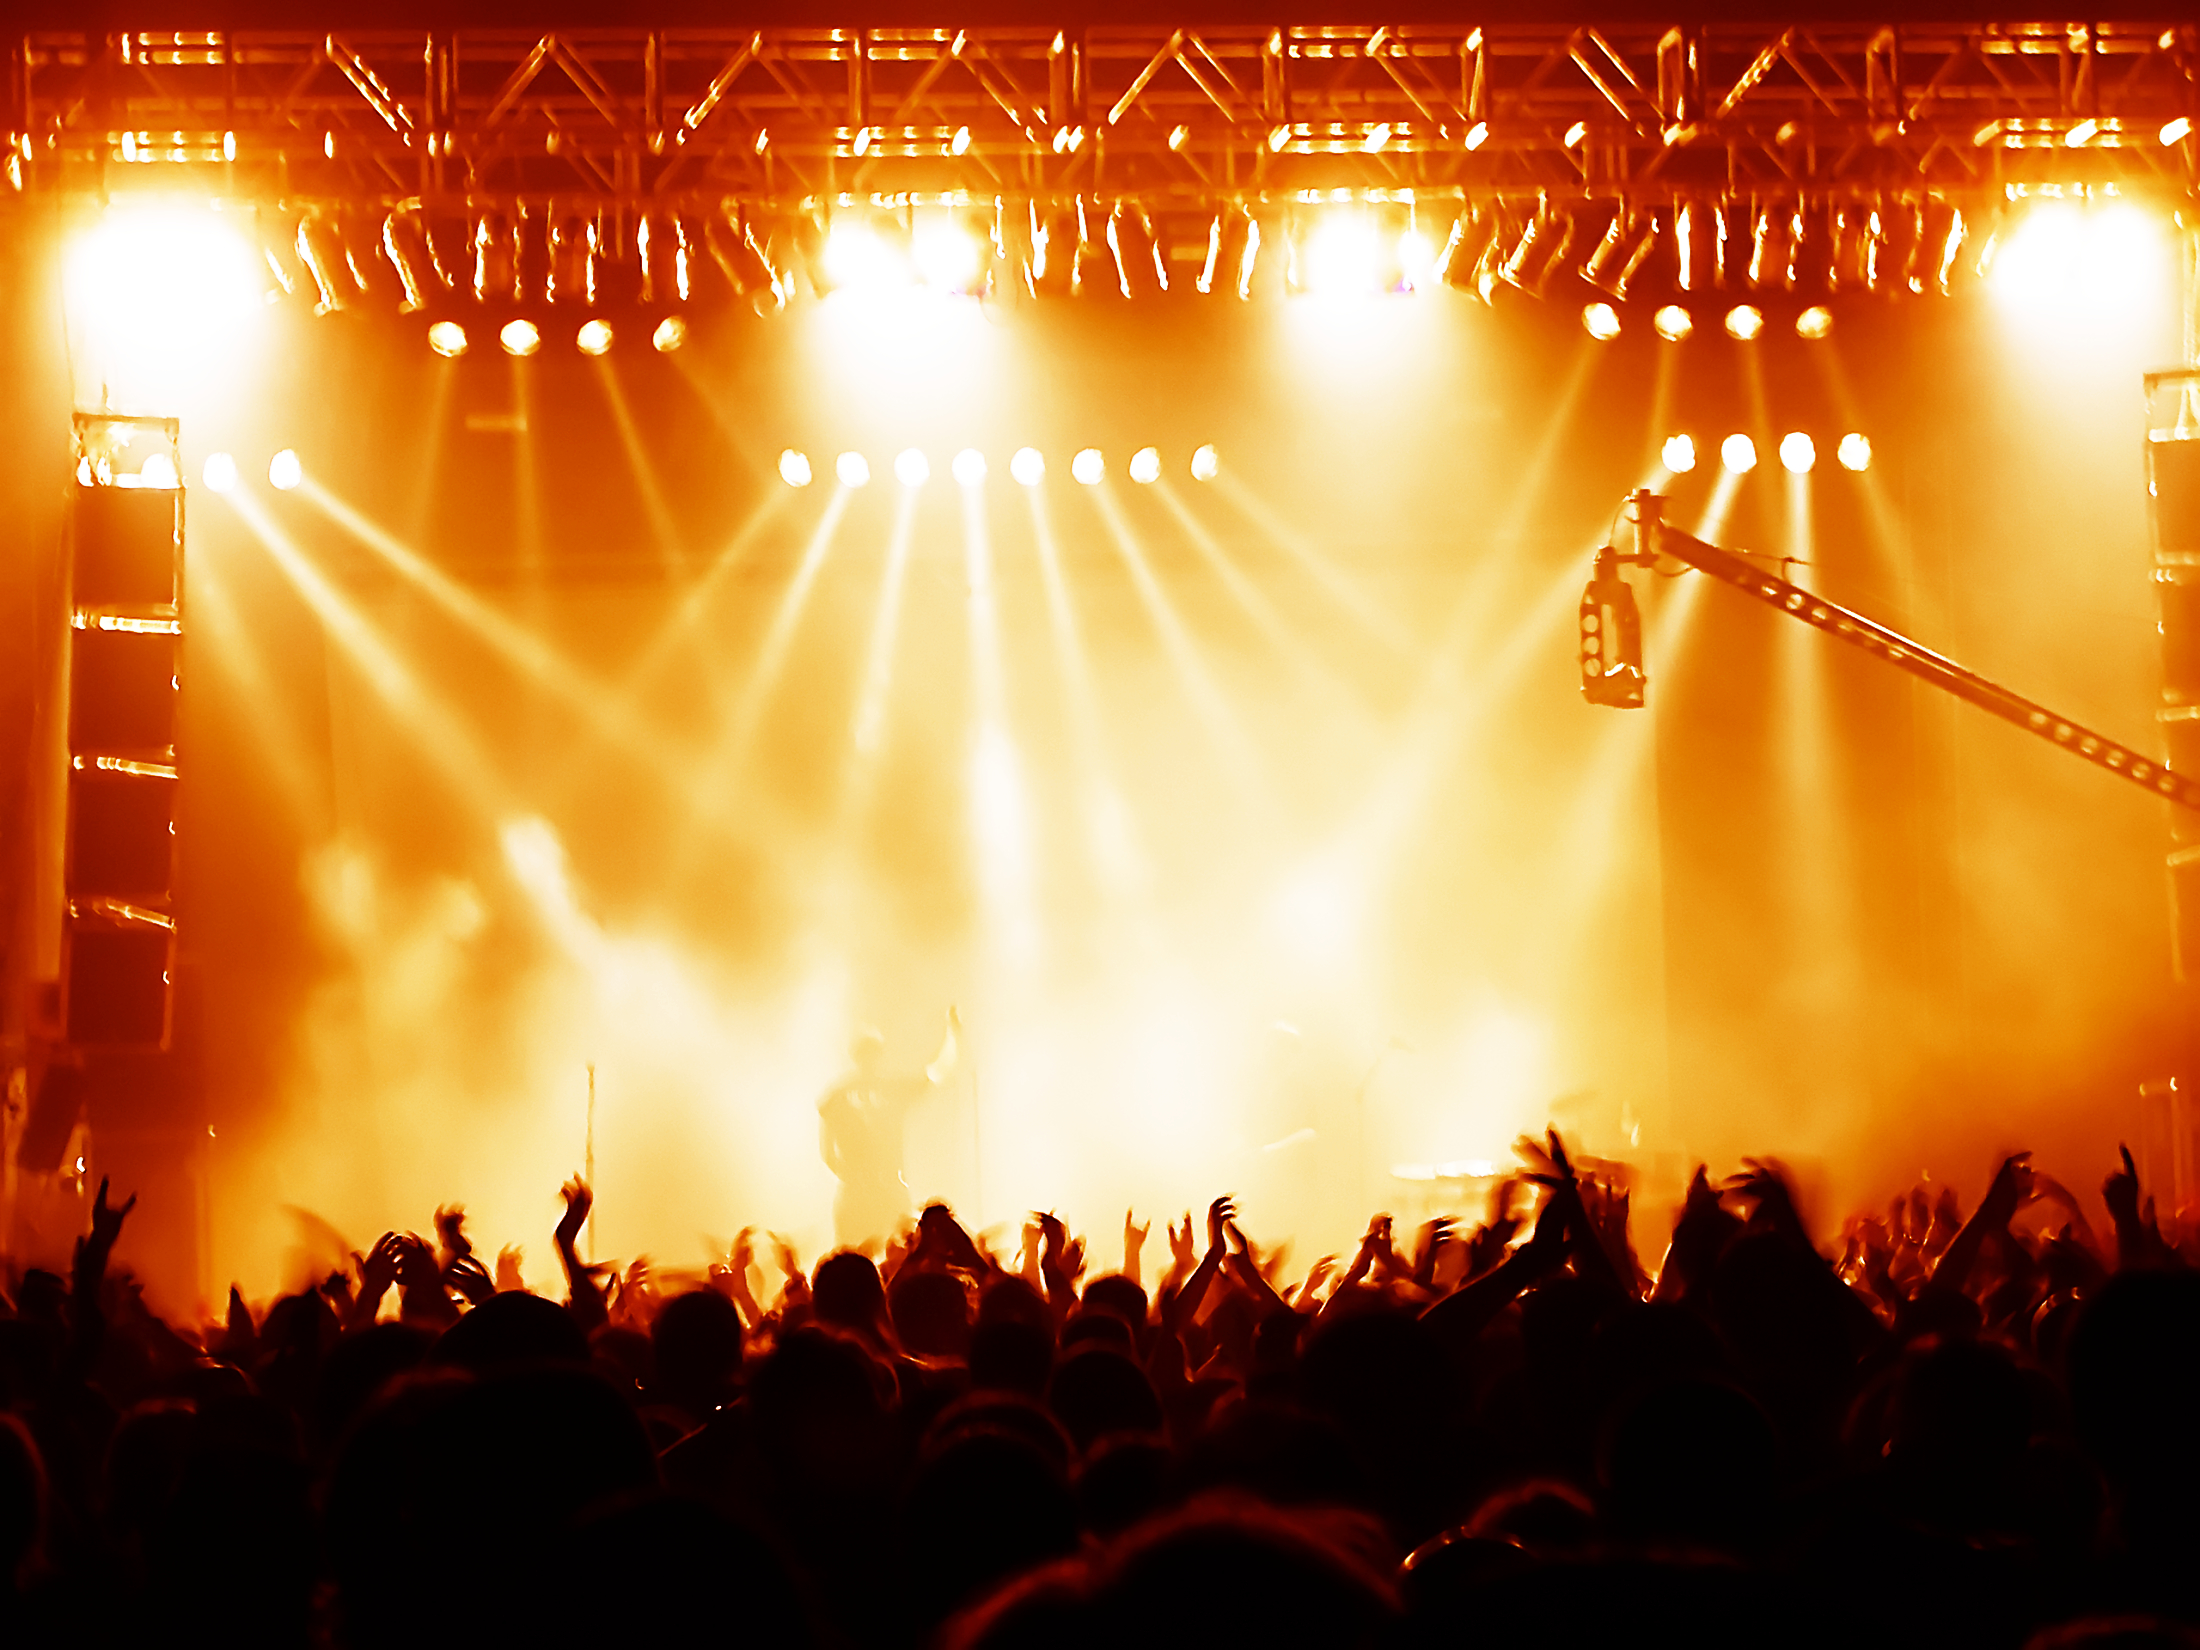 Top Rock Concert Background Wallpapers 2200x1650